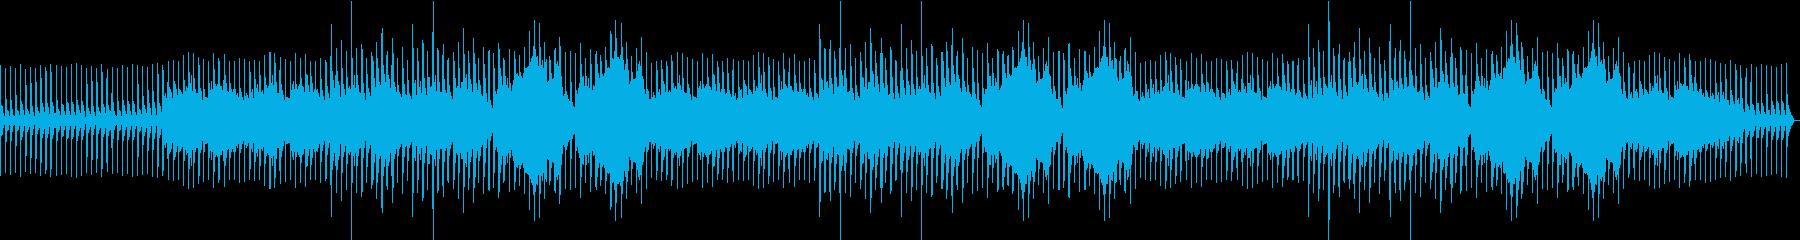 悲しくて少し不気味な楽曲の再生済みの波形